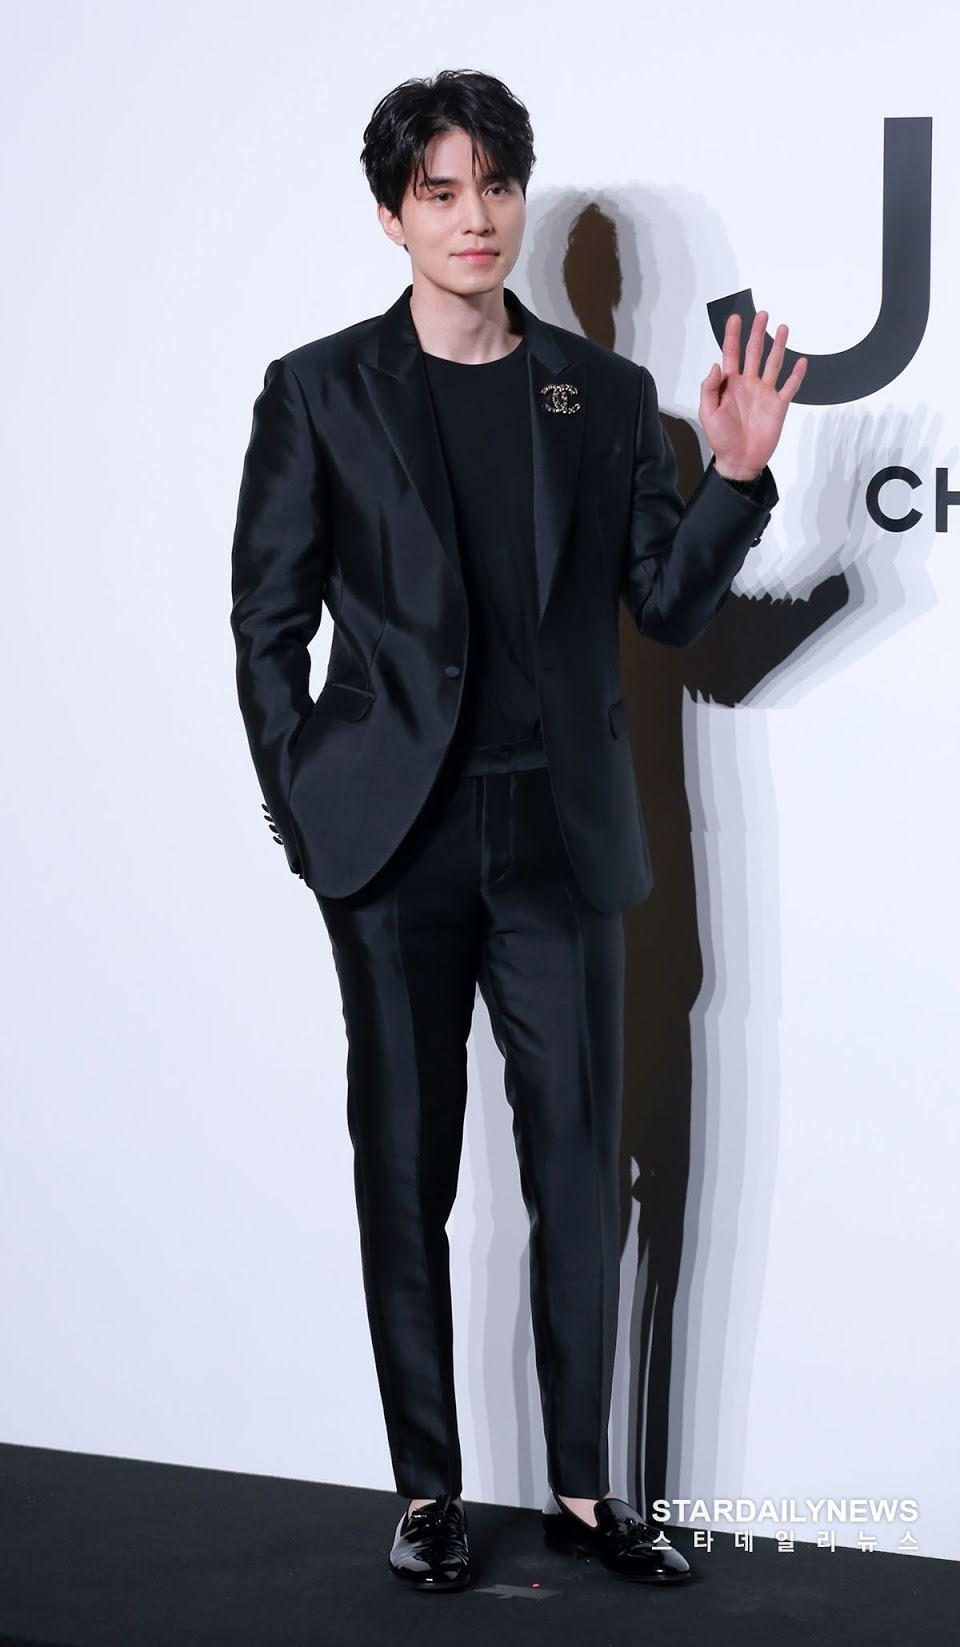 'Thần chết' Lee Dong Wook diện cả 'cây đen' hiến người ham mộ 'đổ rầm rầm' trước nhan sắc đỉnh cao Ảnh 3